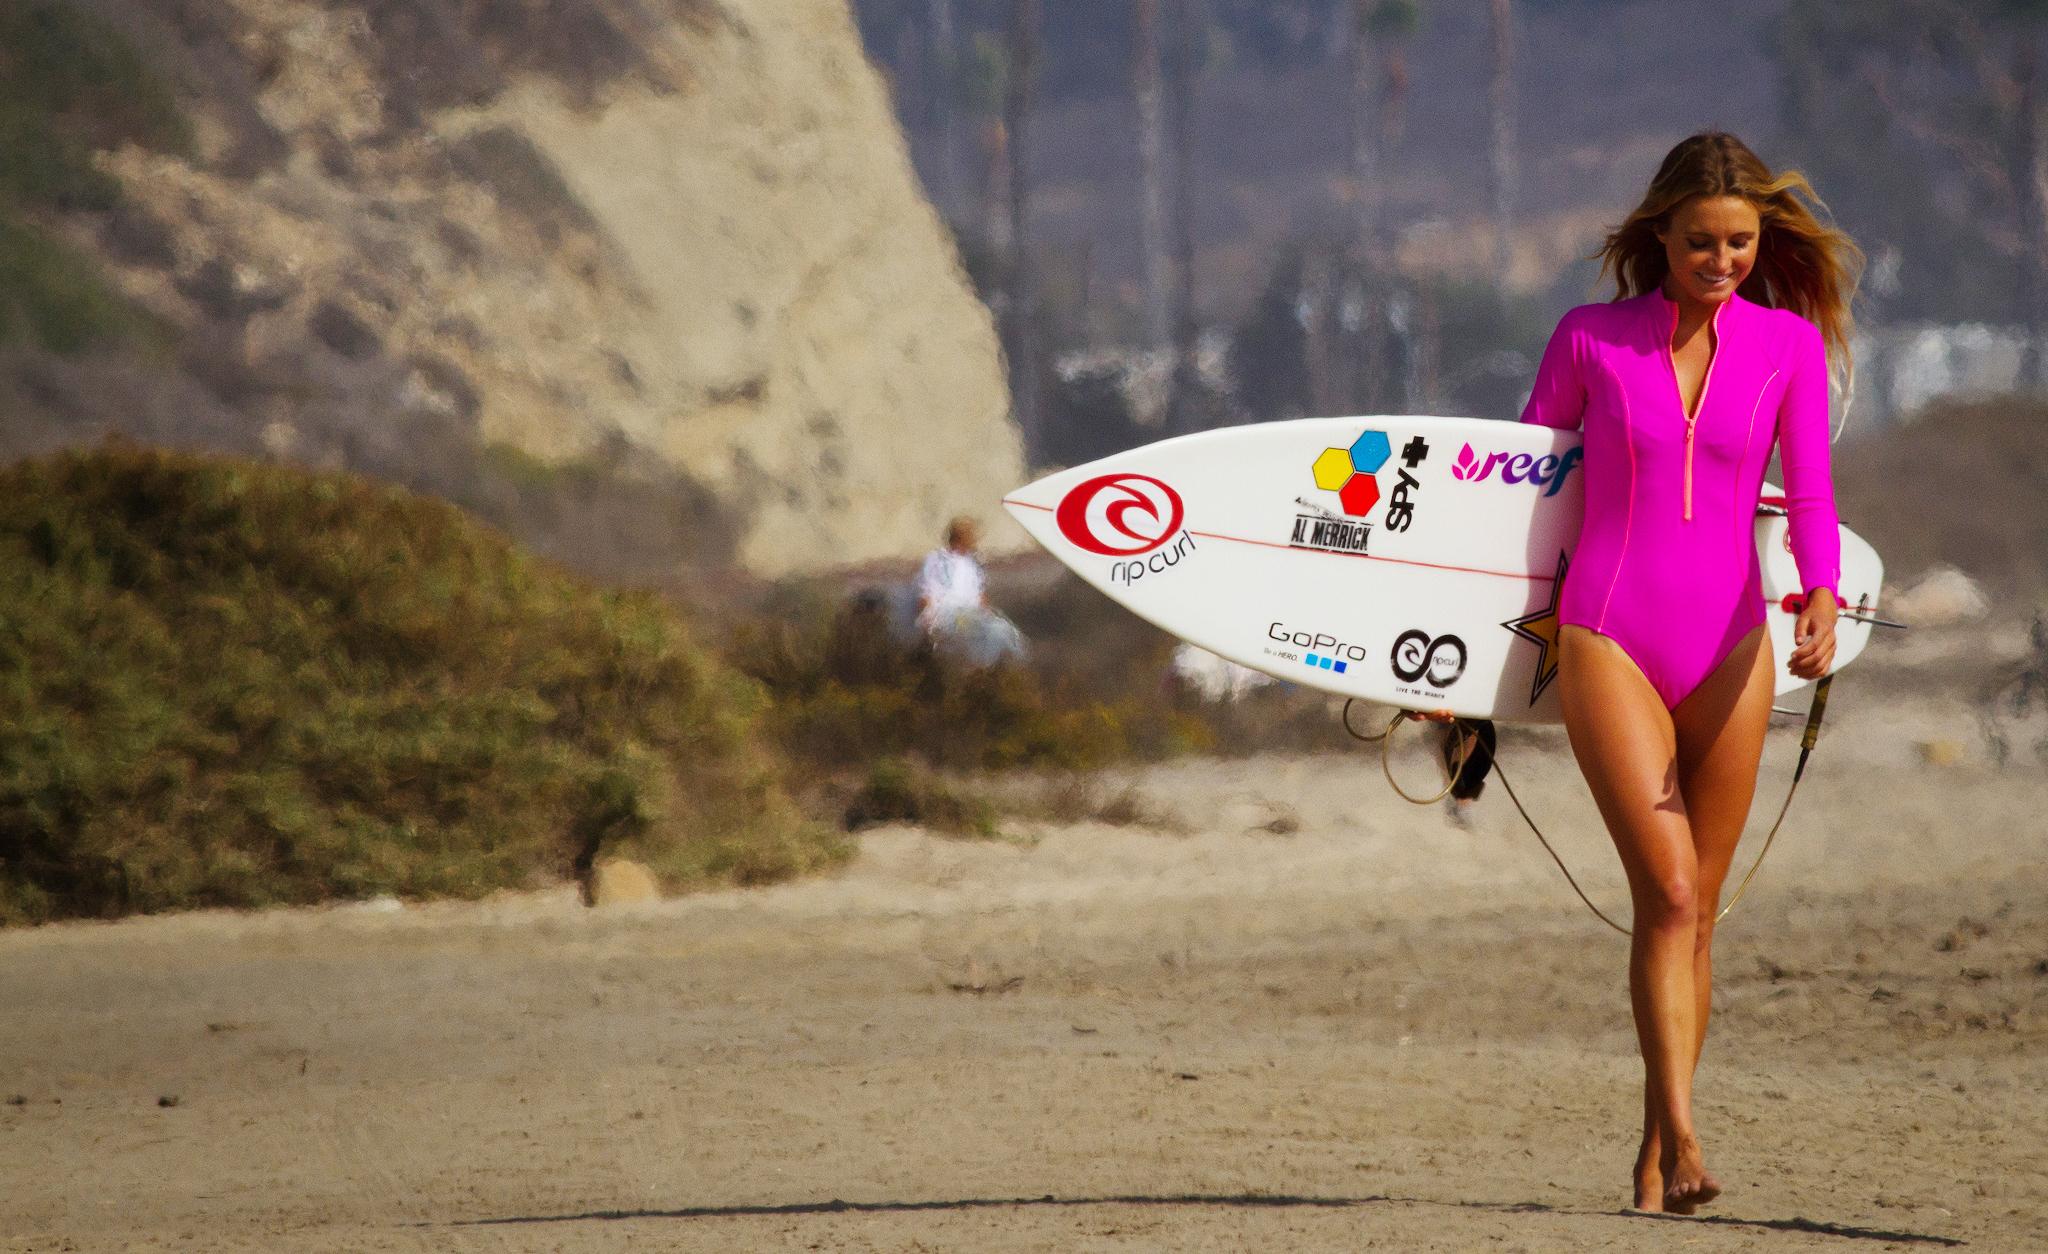 Красотка с доской для серфинга загрузить